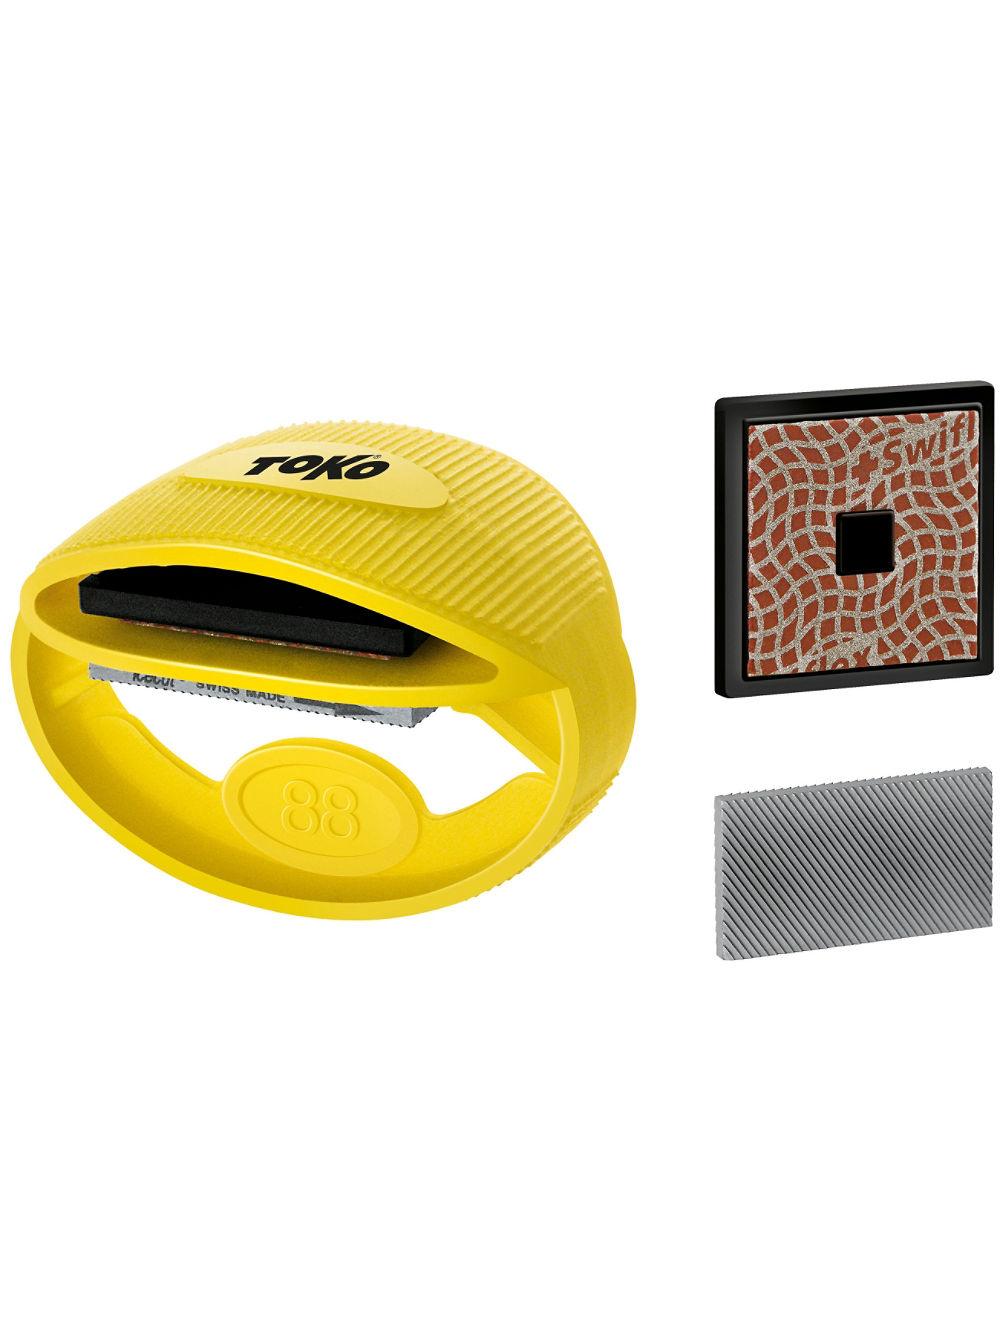 toko-express-tuner-kit